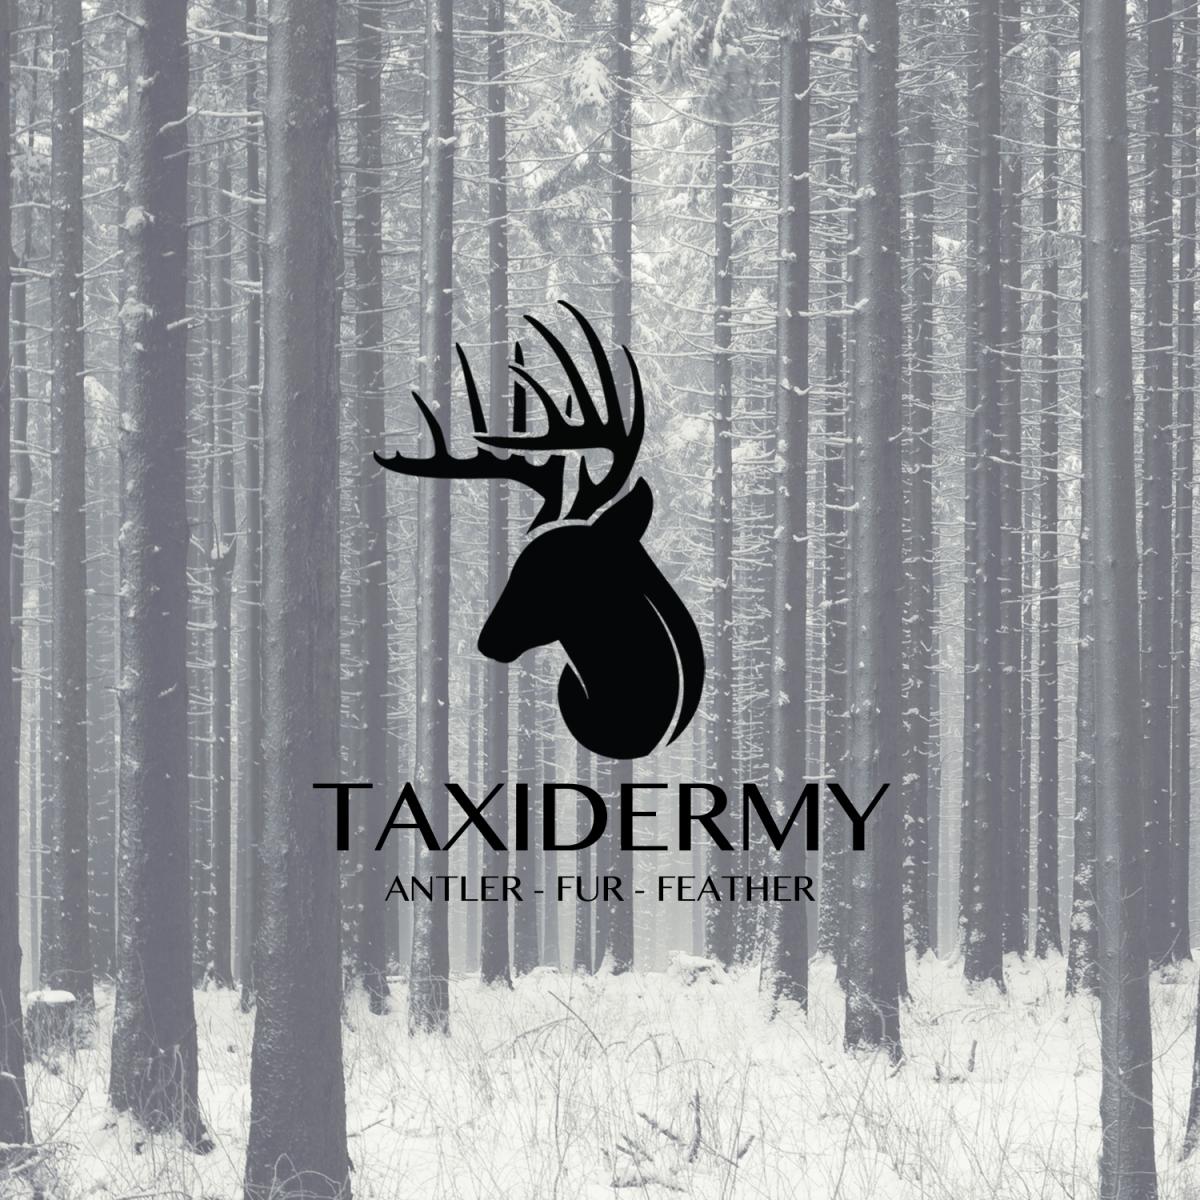 Taxidermy studio d designs colourmoves